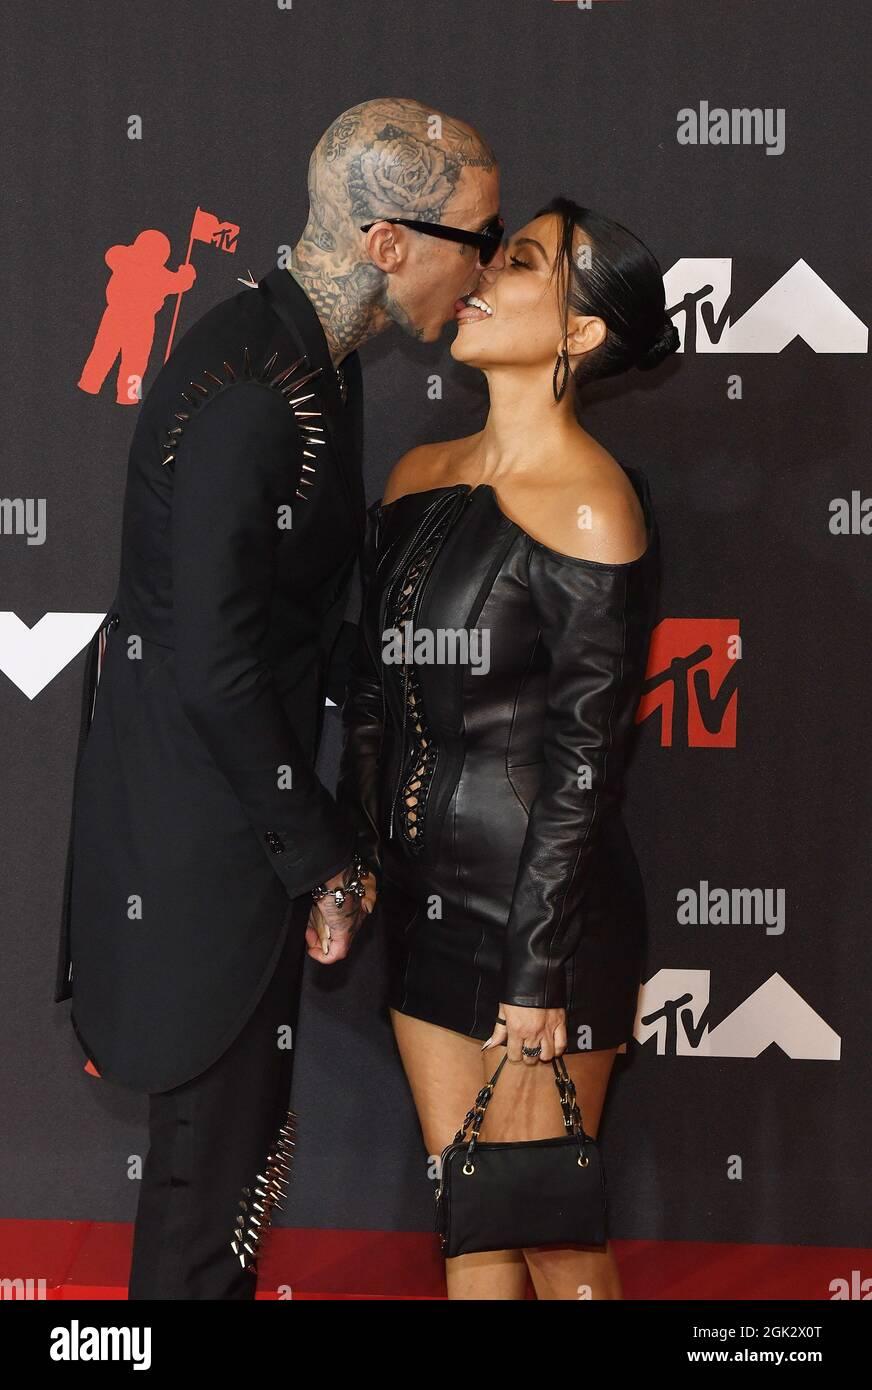 Travis Barker, kourtney Kardashian sono visti baciare sul carper rosso ai 2021 MTV Video Music Awards al Barclays Center il 12 settembre 2021 nel quartiere Brooklyn di New York City. Foto: Jeremy Smith/imageSPACE Foto Stock